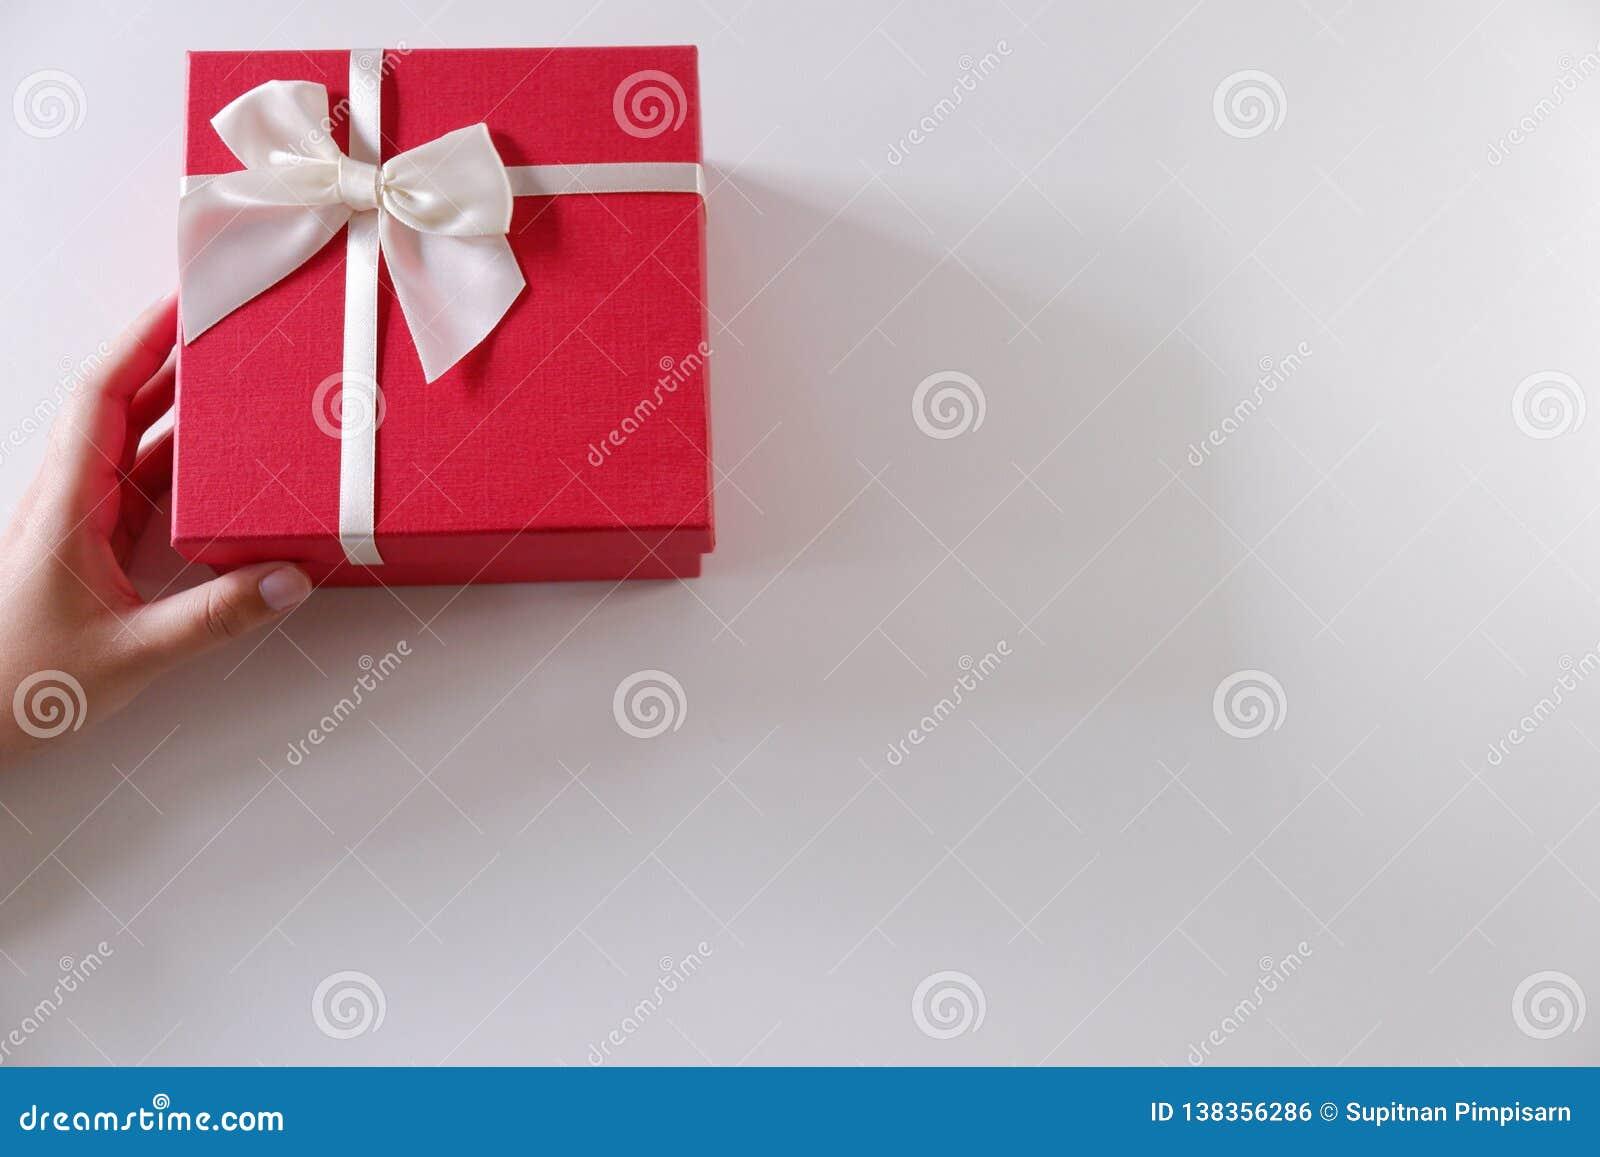 Mãos das mulheres do close-up que enviam a caixa de presente vermelha com a fita branca no fundo branco